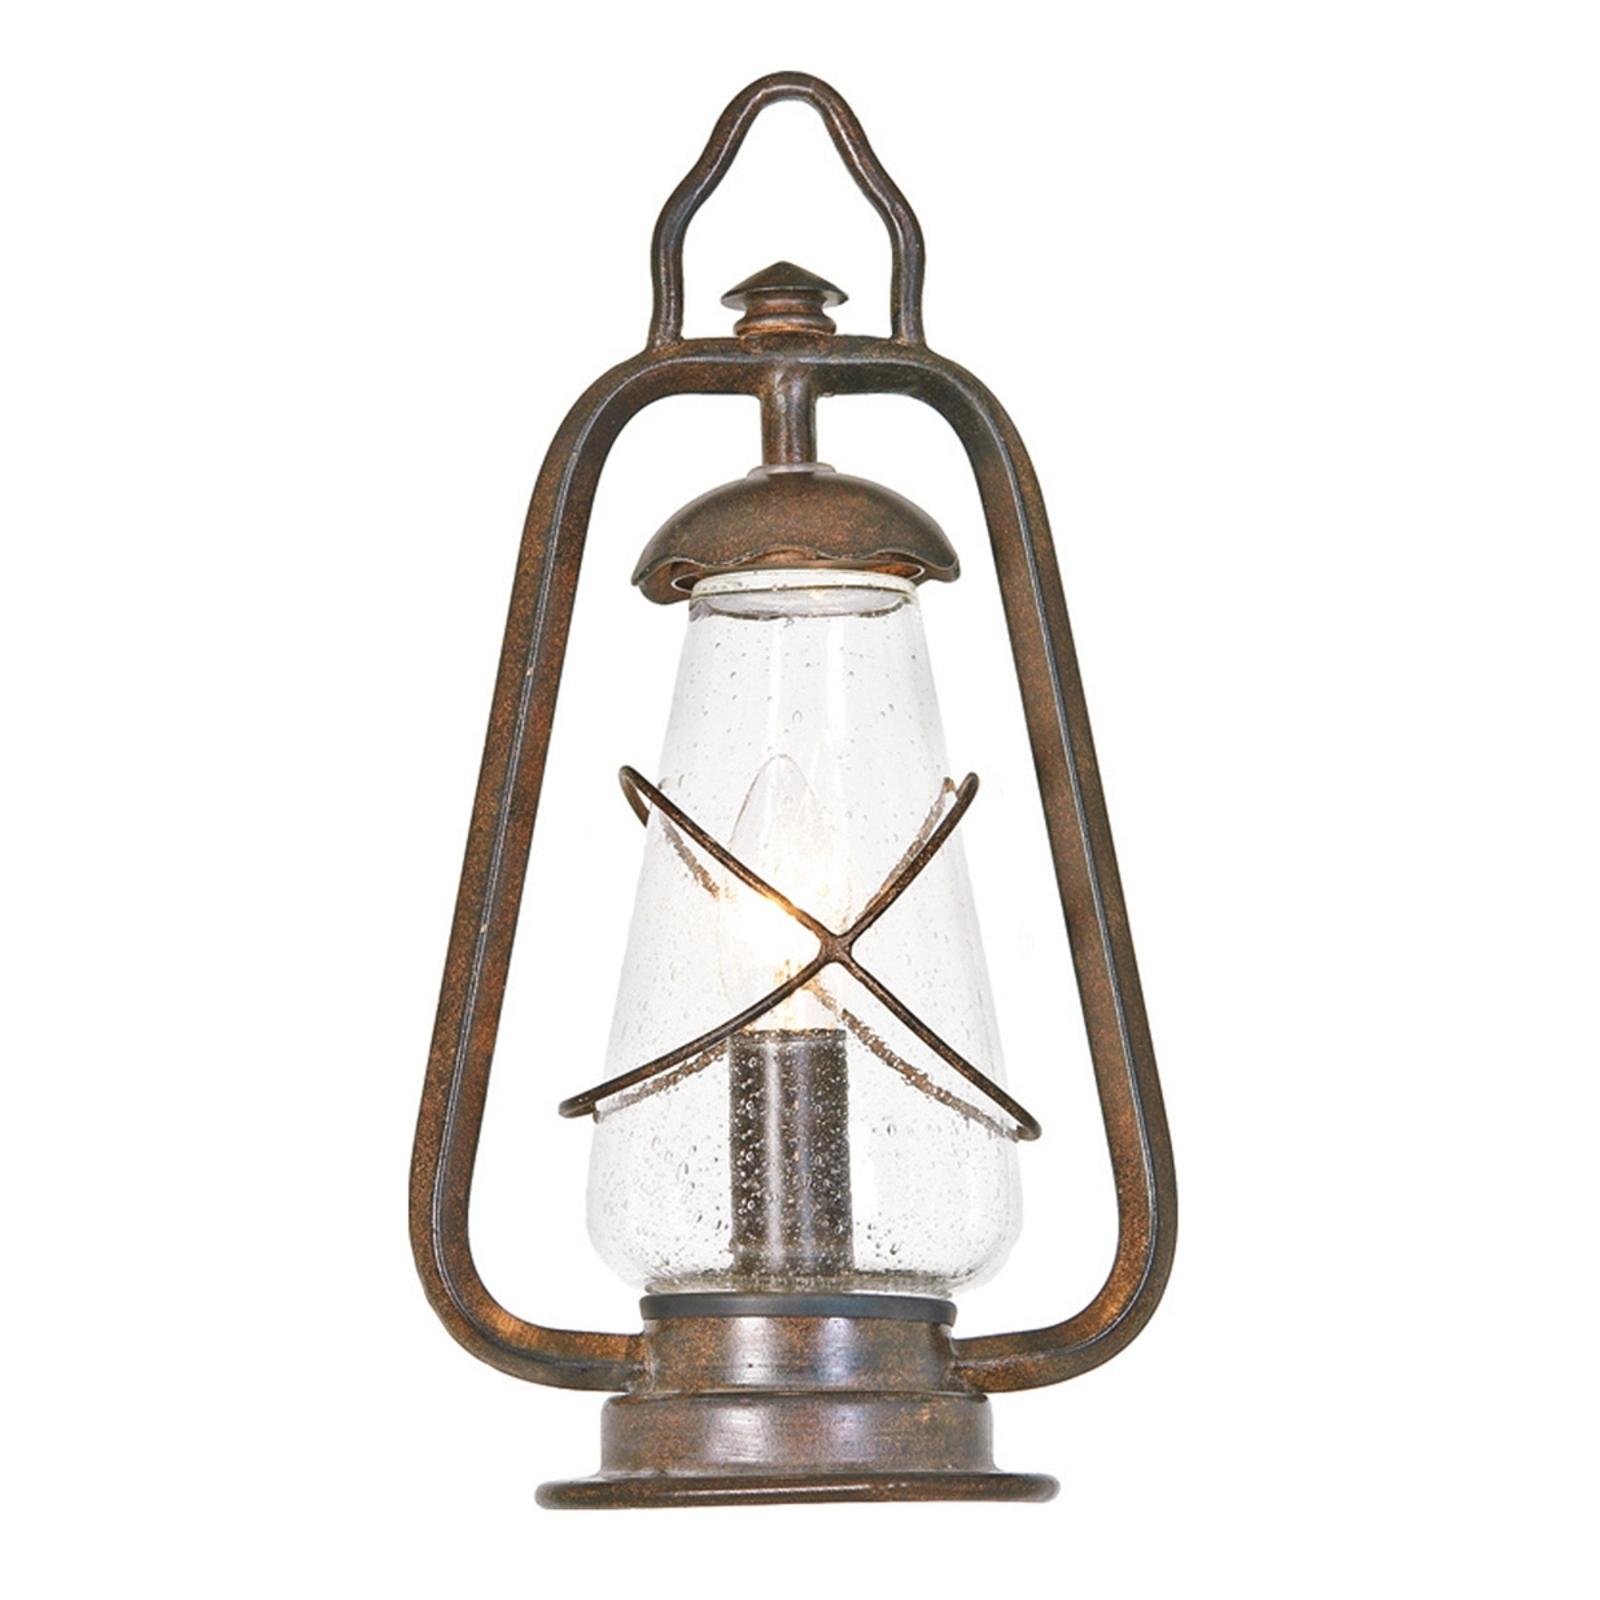 Soklové svietidlo Miners v štýle baníckeho kahana_3048213_1